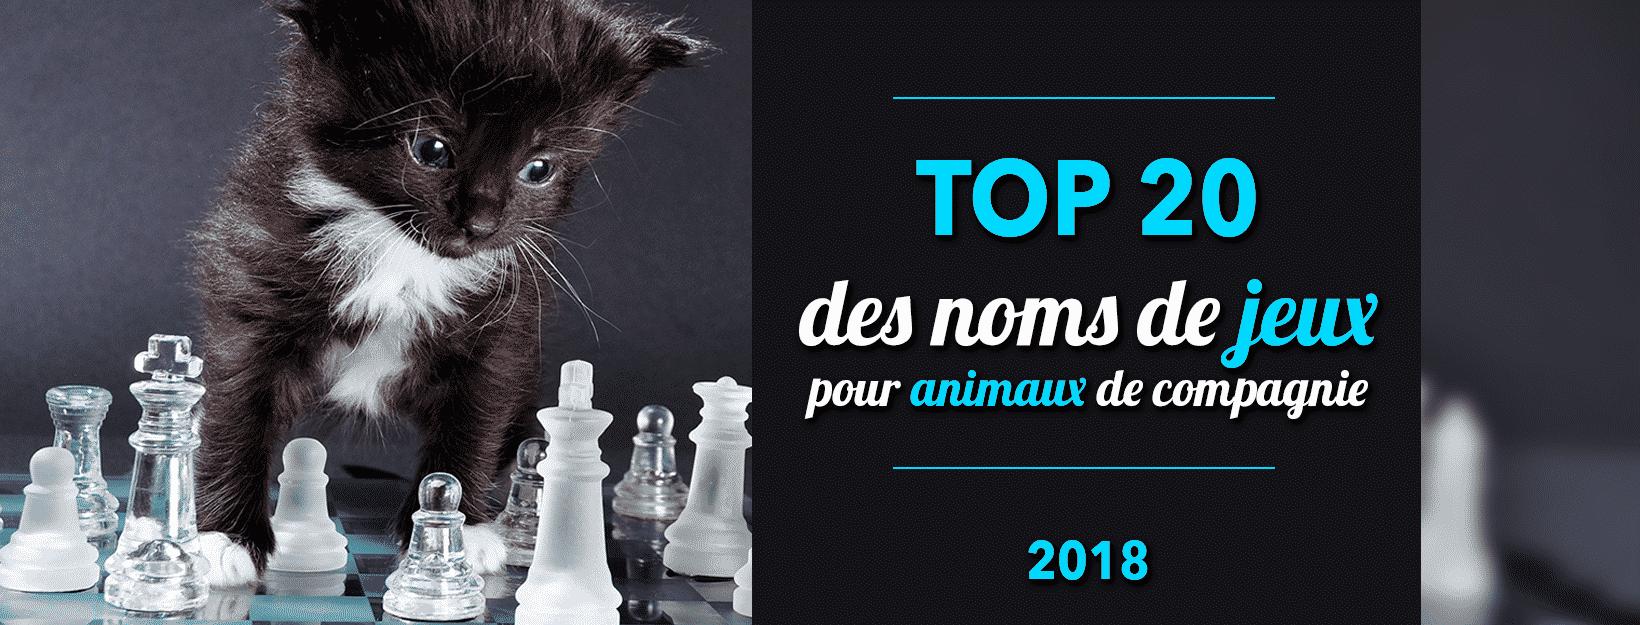 Top 20 noms de jeux pour animaux de compagnie